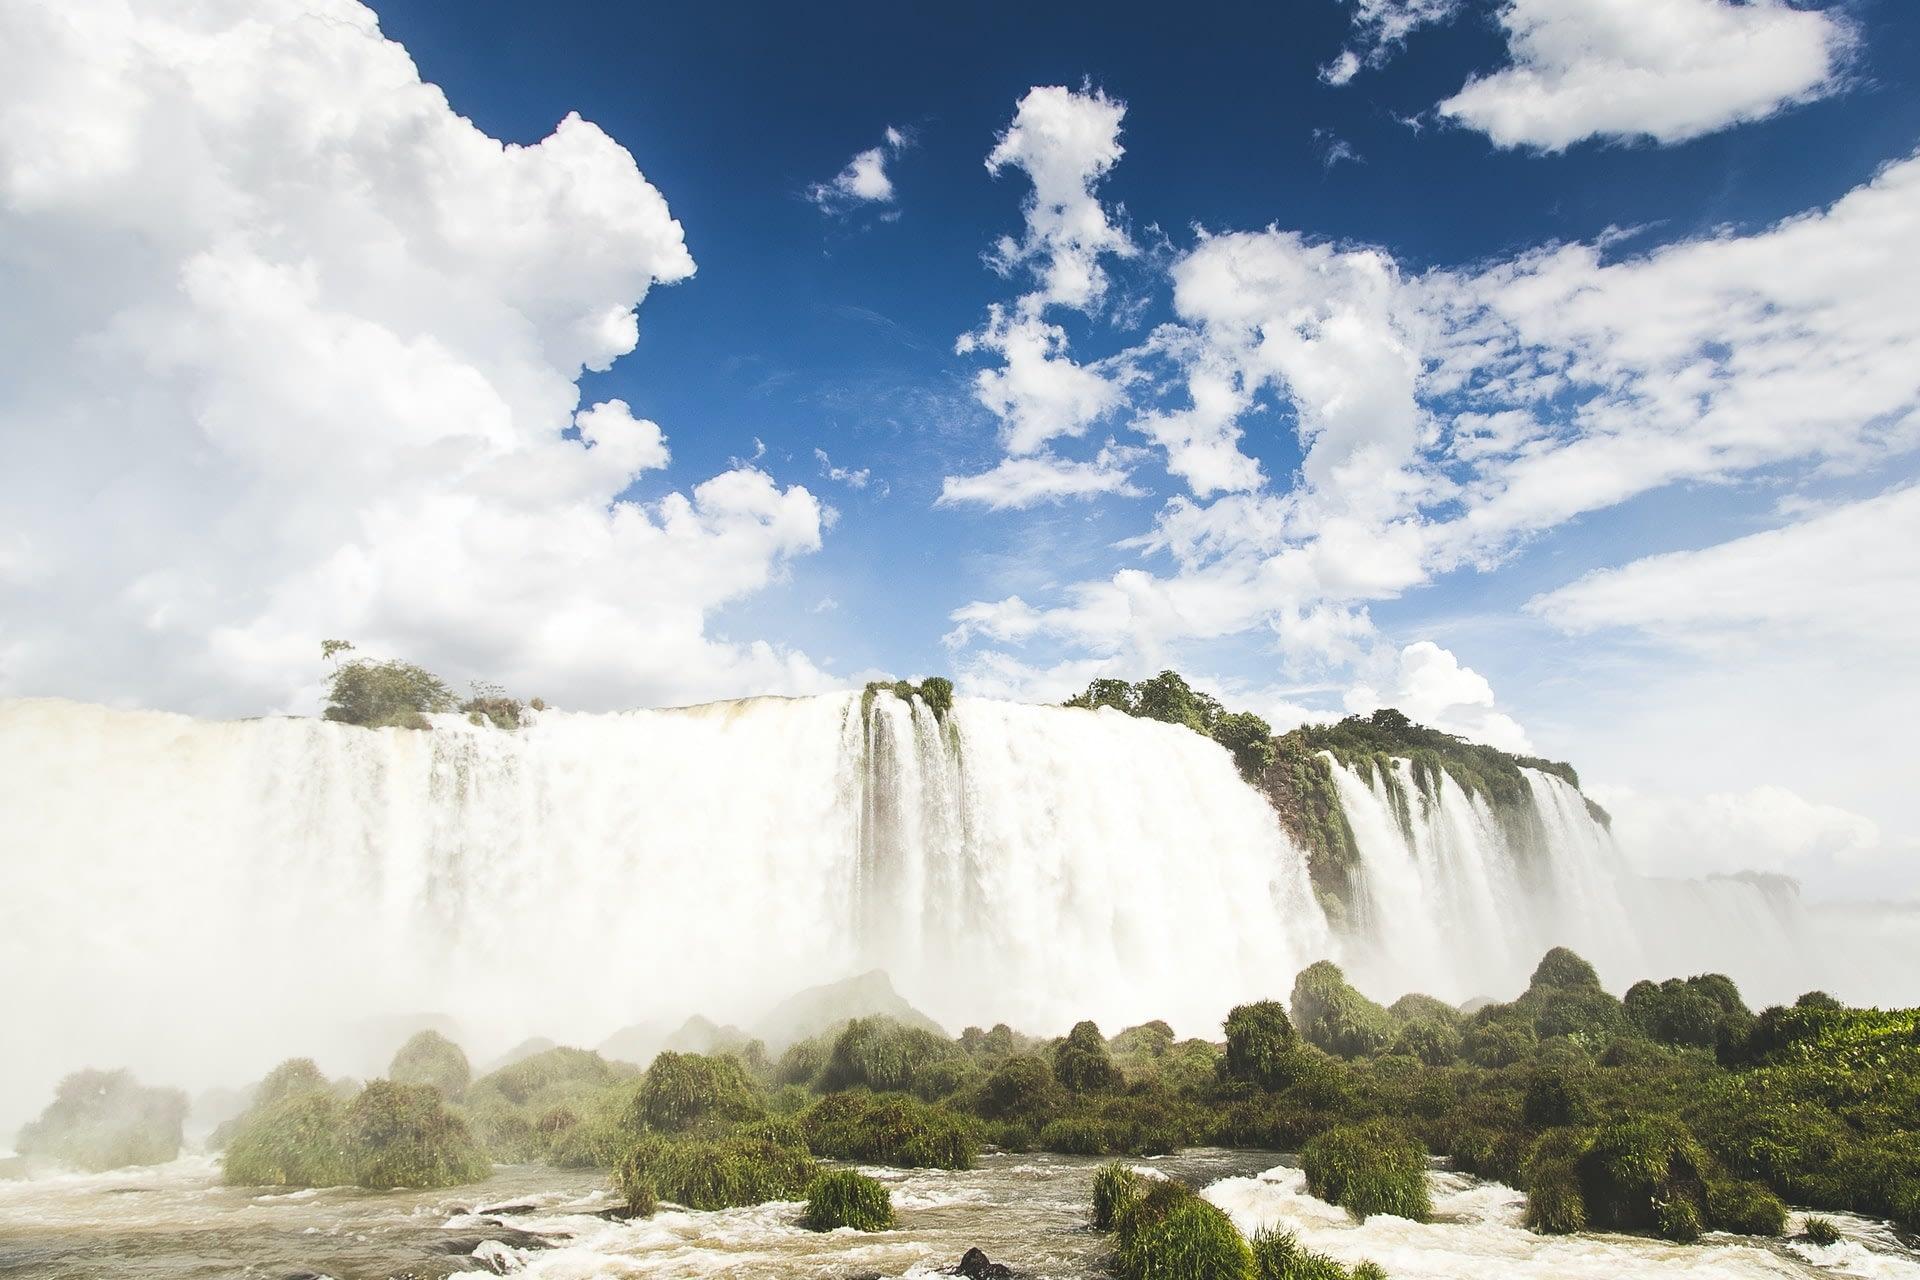 Водопады на реке Игуасу в Бразилии